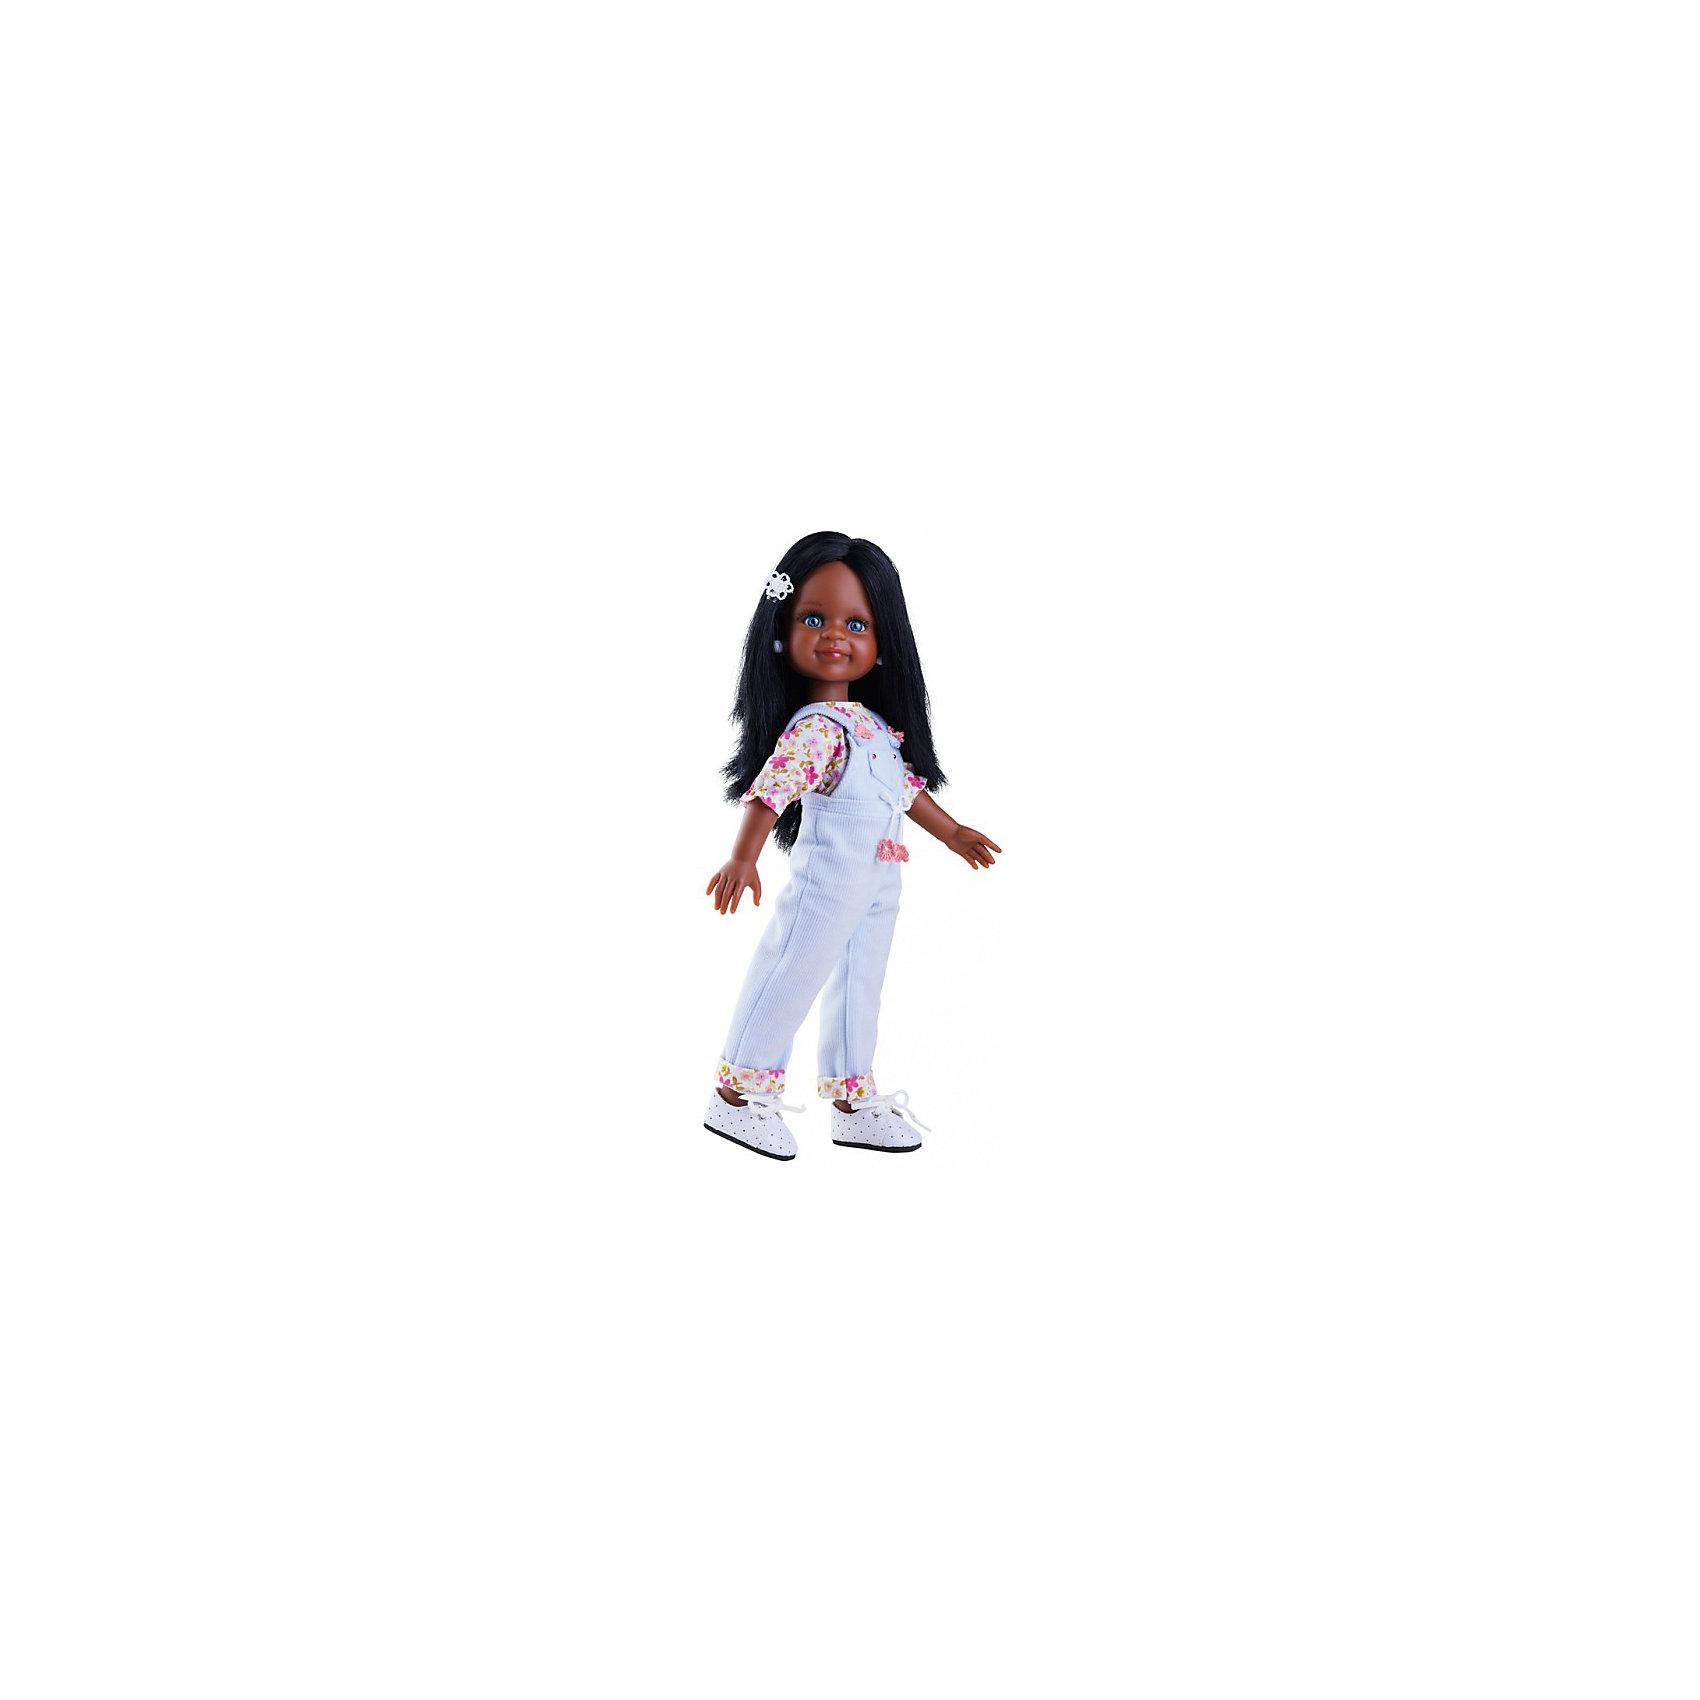 Кукла Paola Reina Нора Клеопатра, 32 смБренды кукол<br><br><br>Ширина мм: 110<br>Глубина мм: 230<br>Высота мм: 410<br>Вес г: 667<br>Возраст от месяцев: 36<br>Возраст до месяцев: 144<br>Пол: Женский<br>Возраст: Детский<br>SKU: 7118824